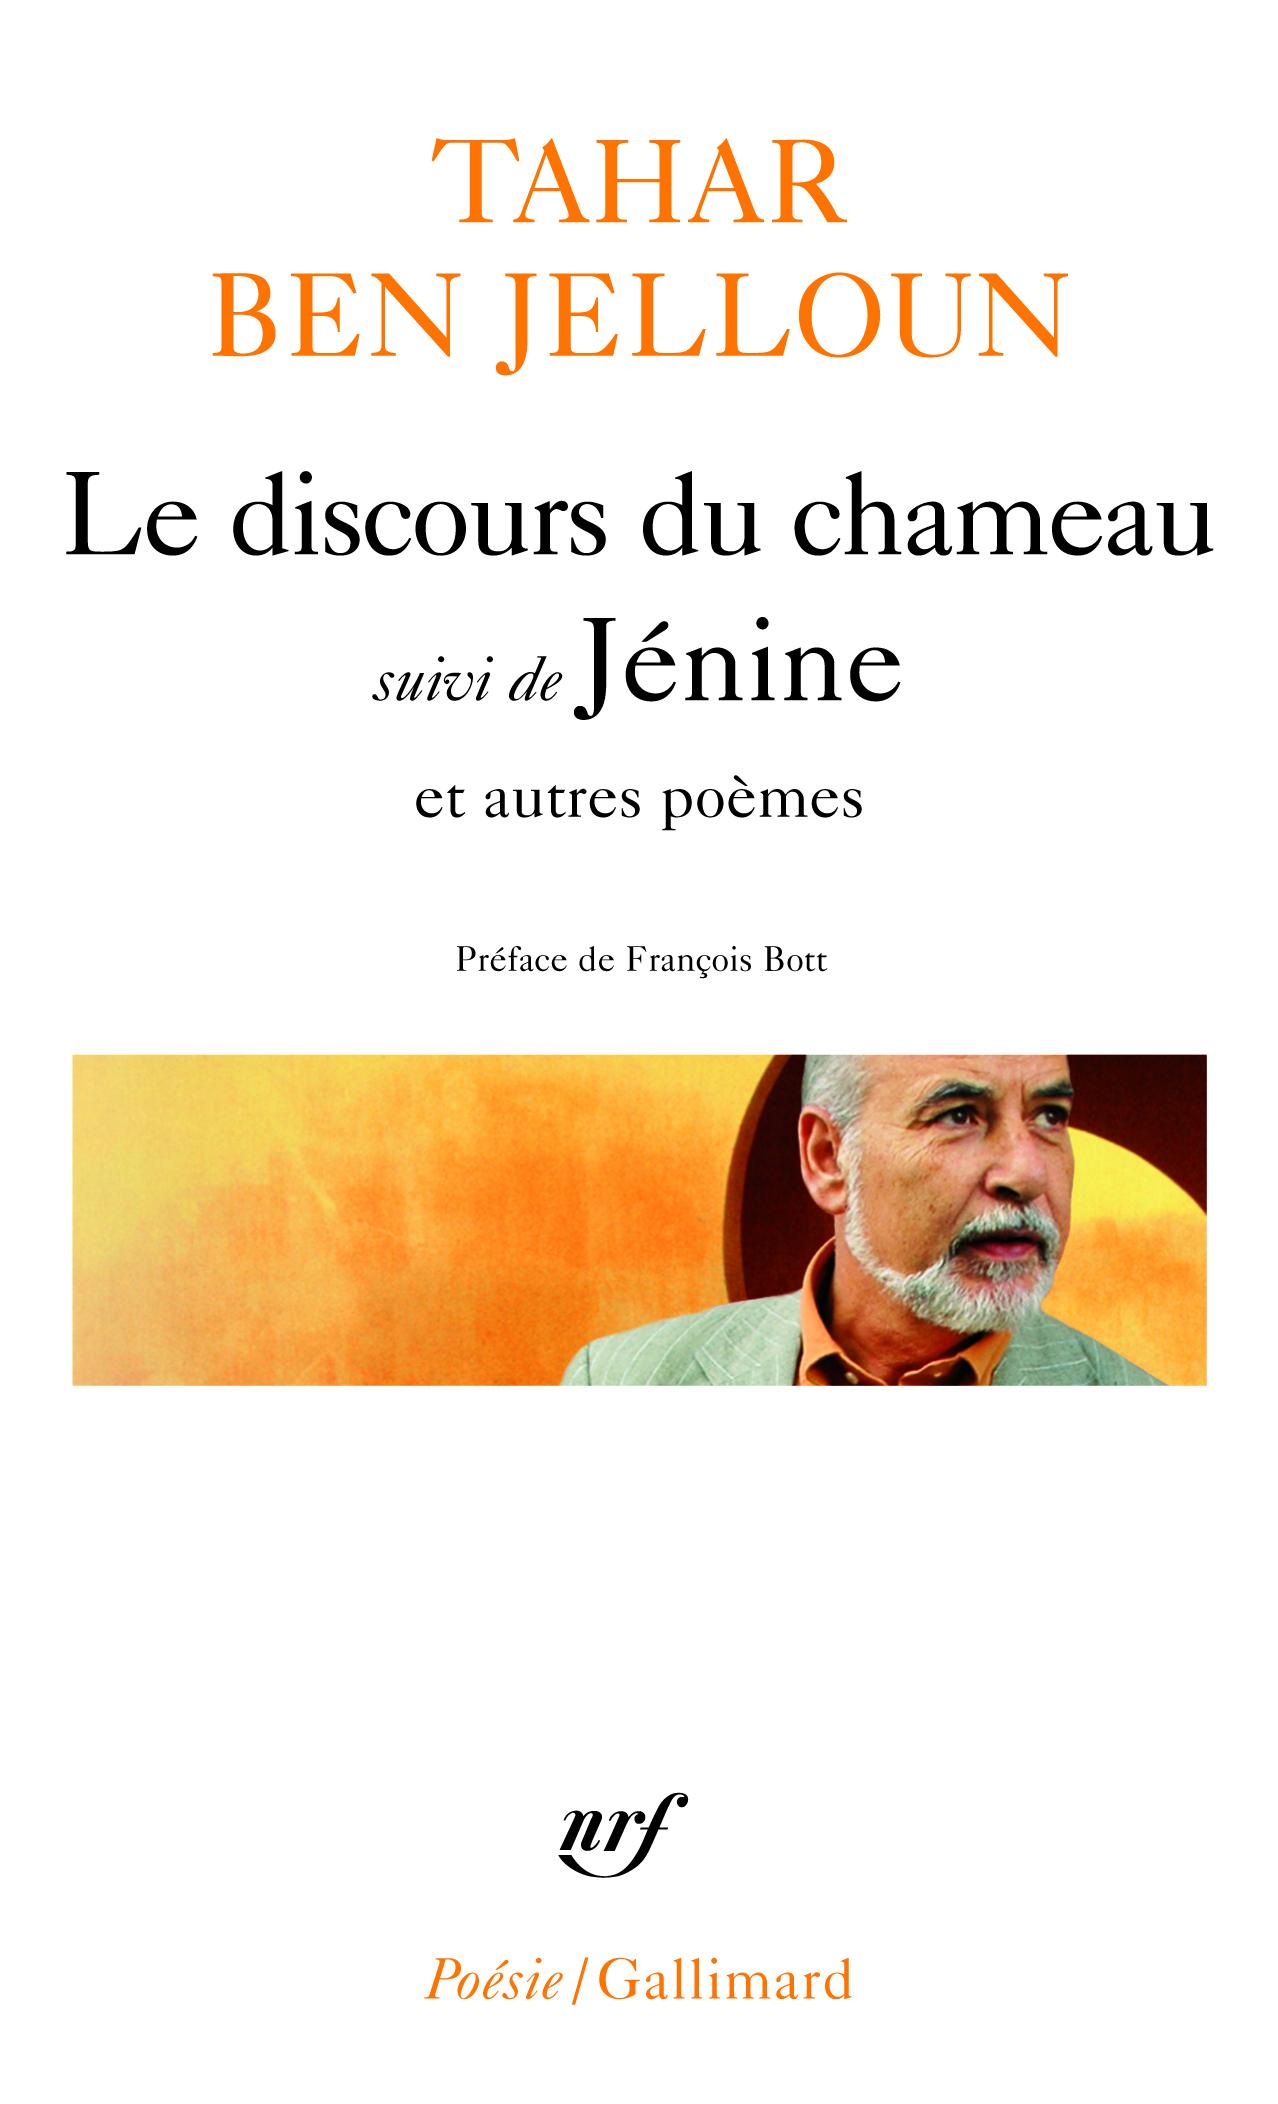 LE DISCOURS DU CHAMEAU SUIVI DE JENINE ET AUTRES POEMES